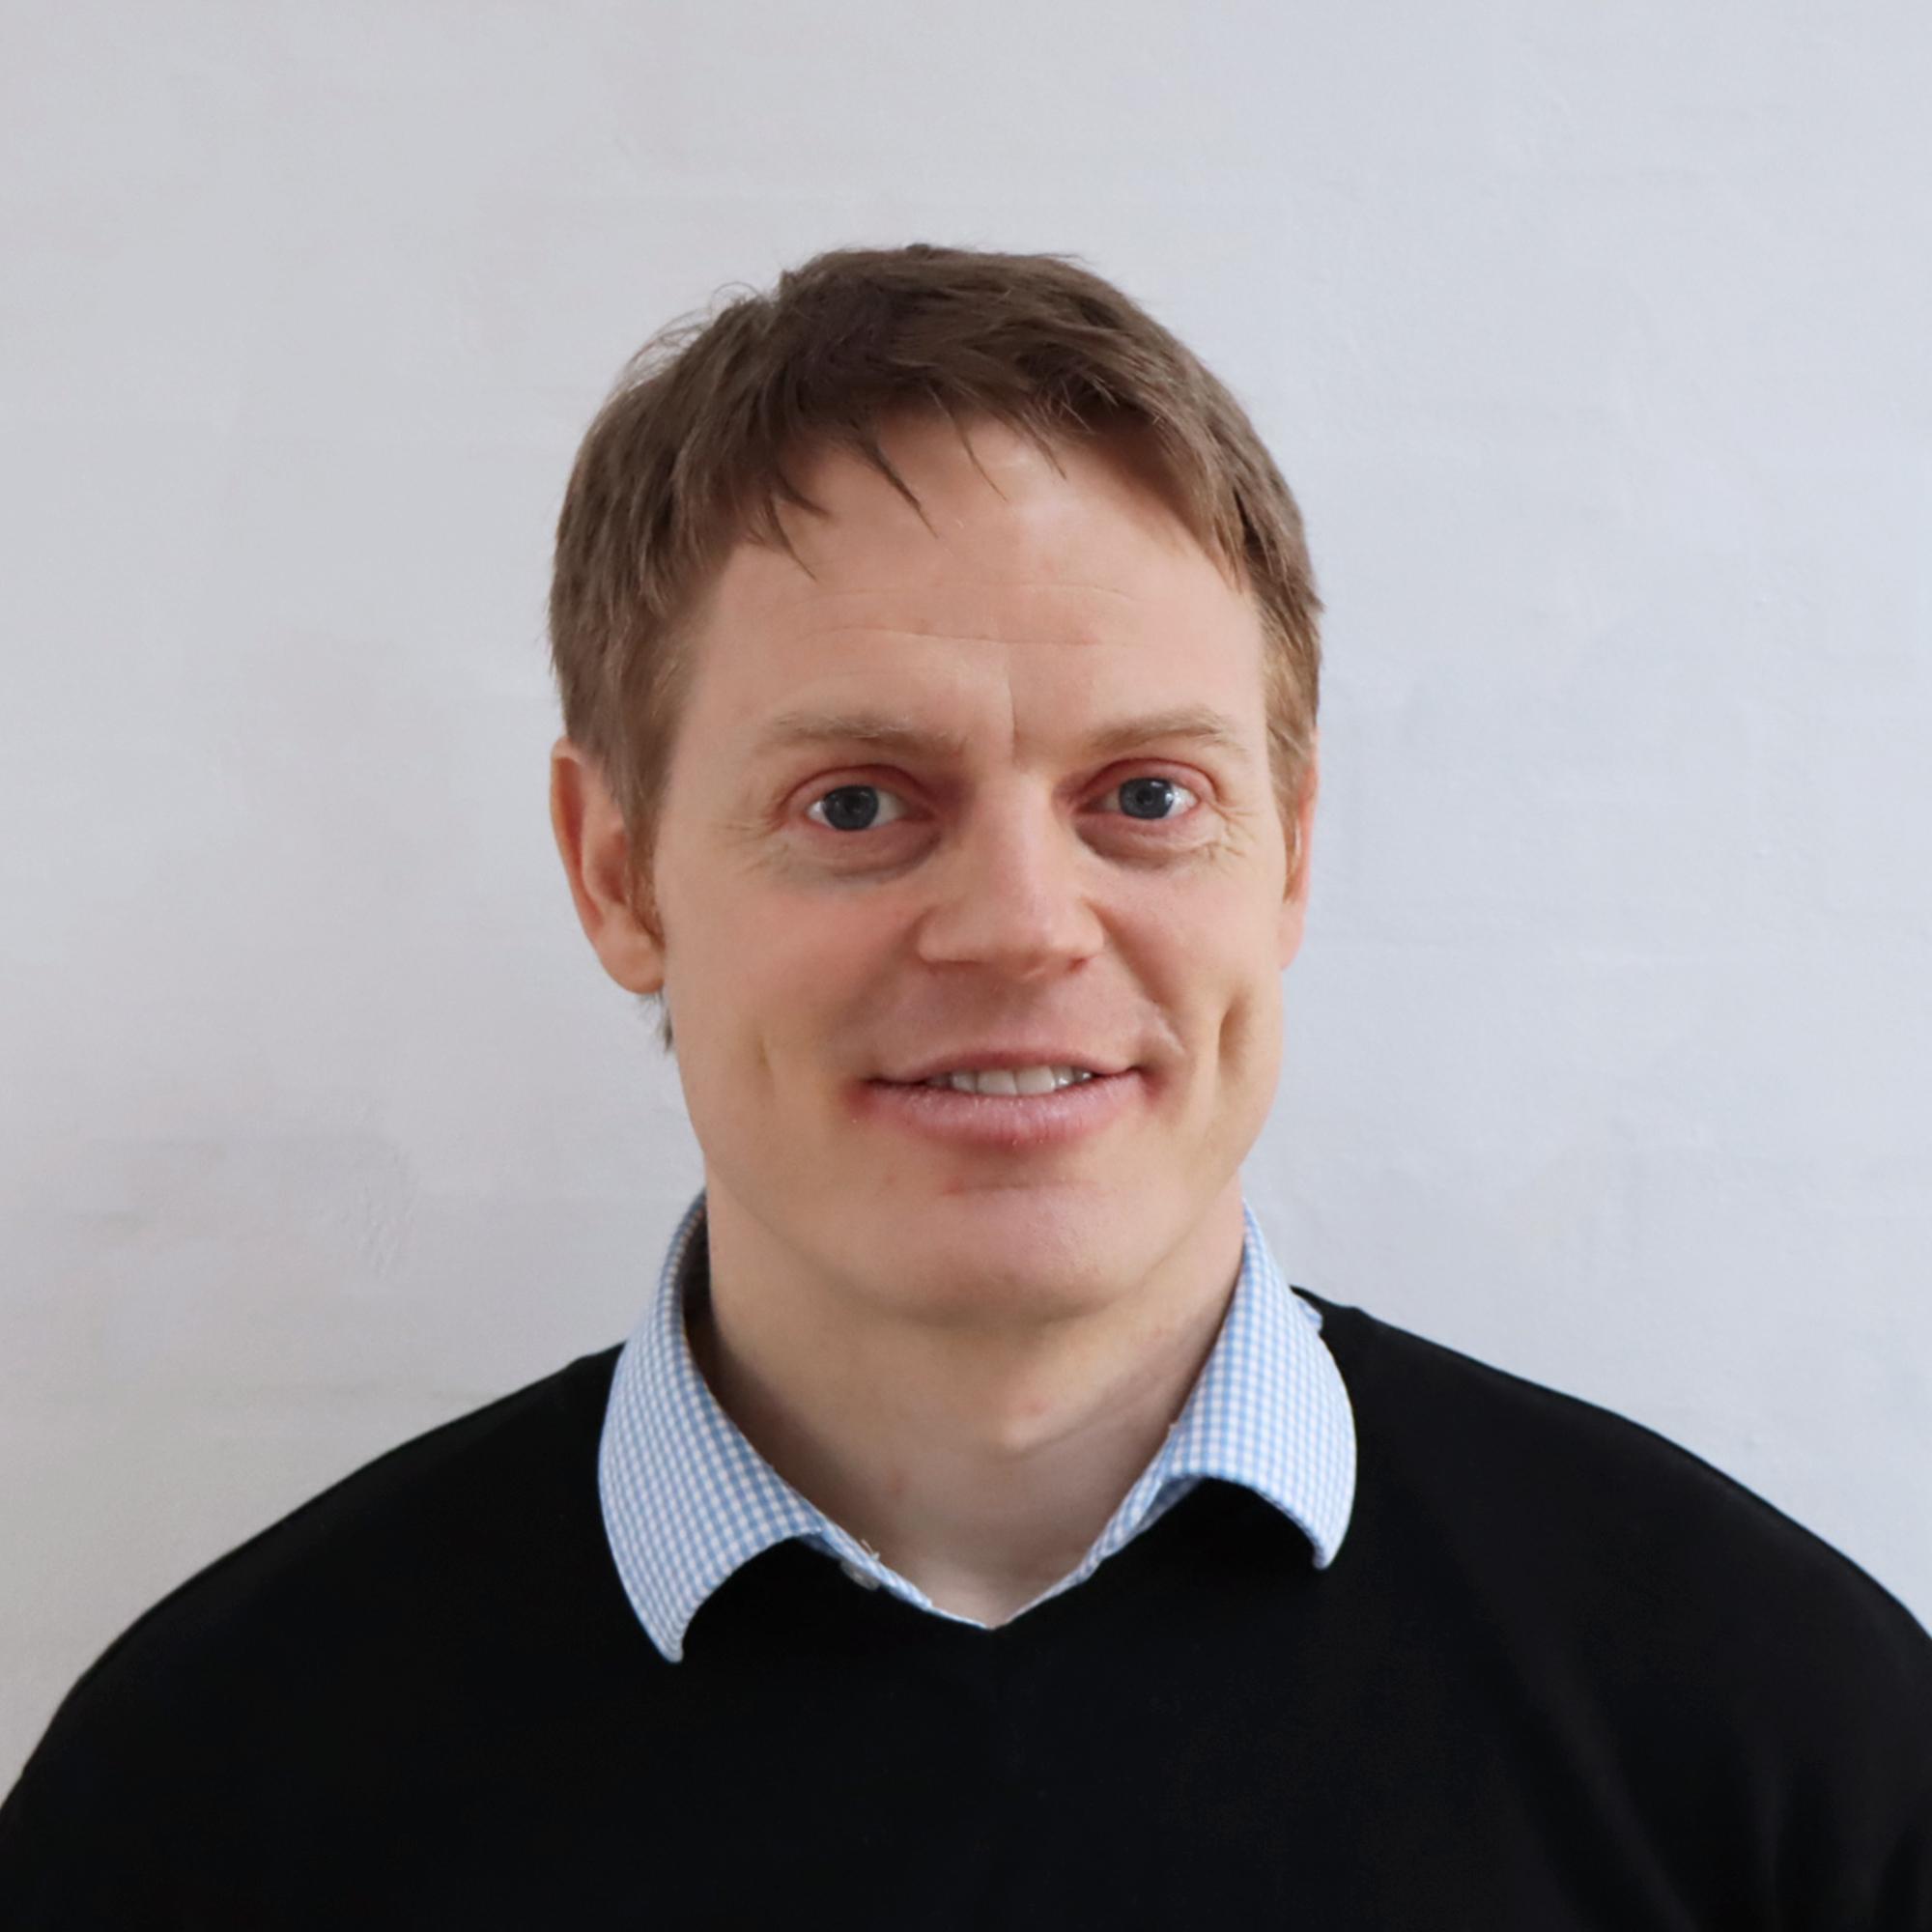 Morten Veje Bastholm